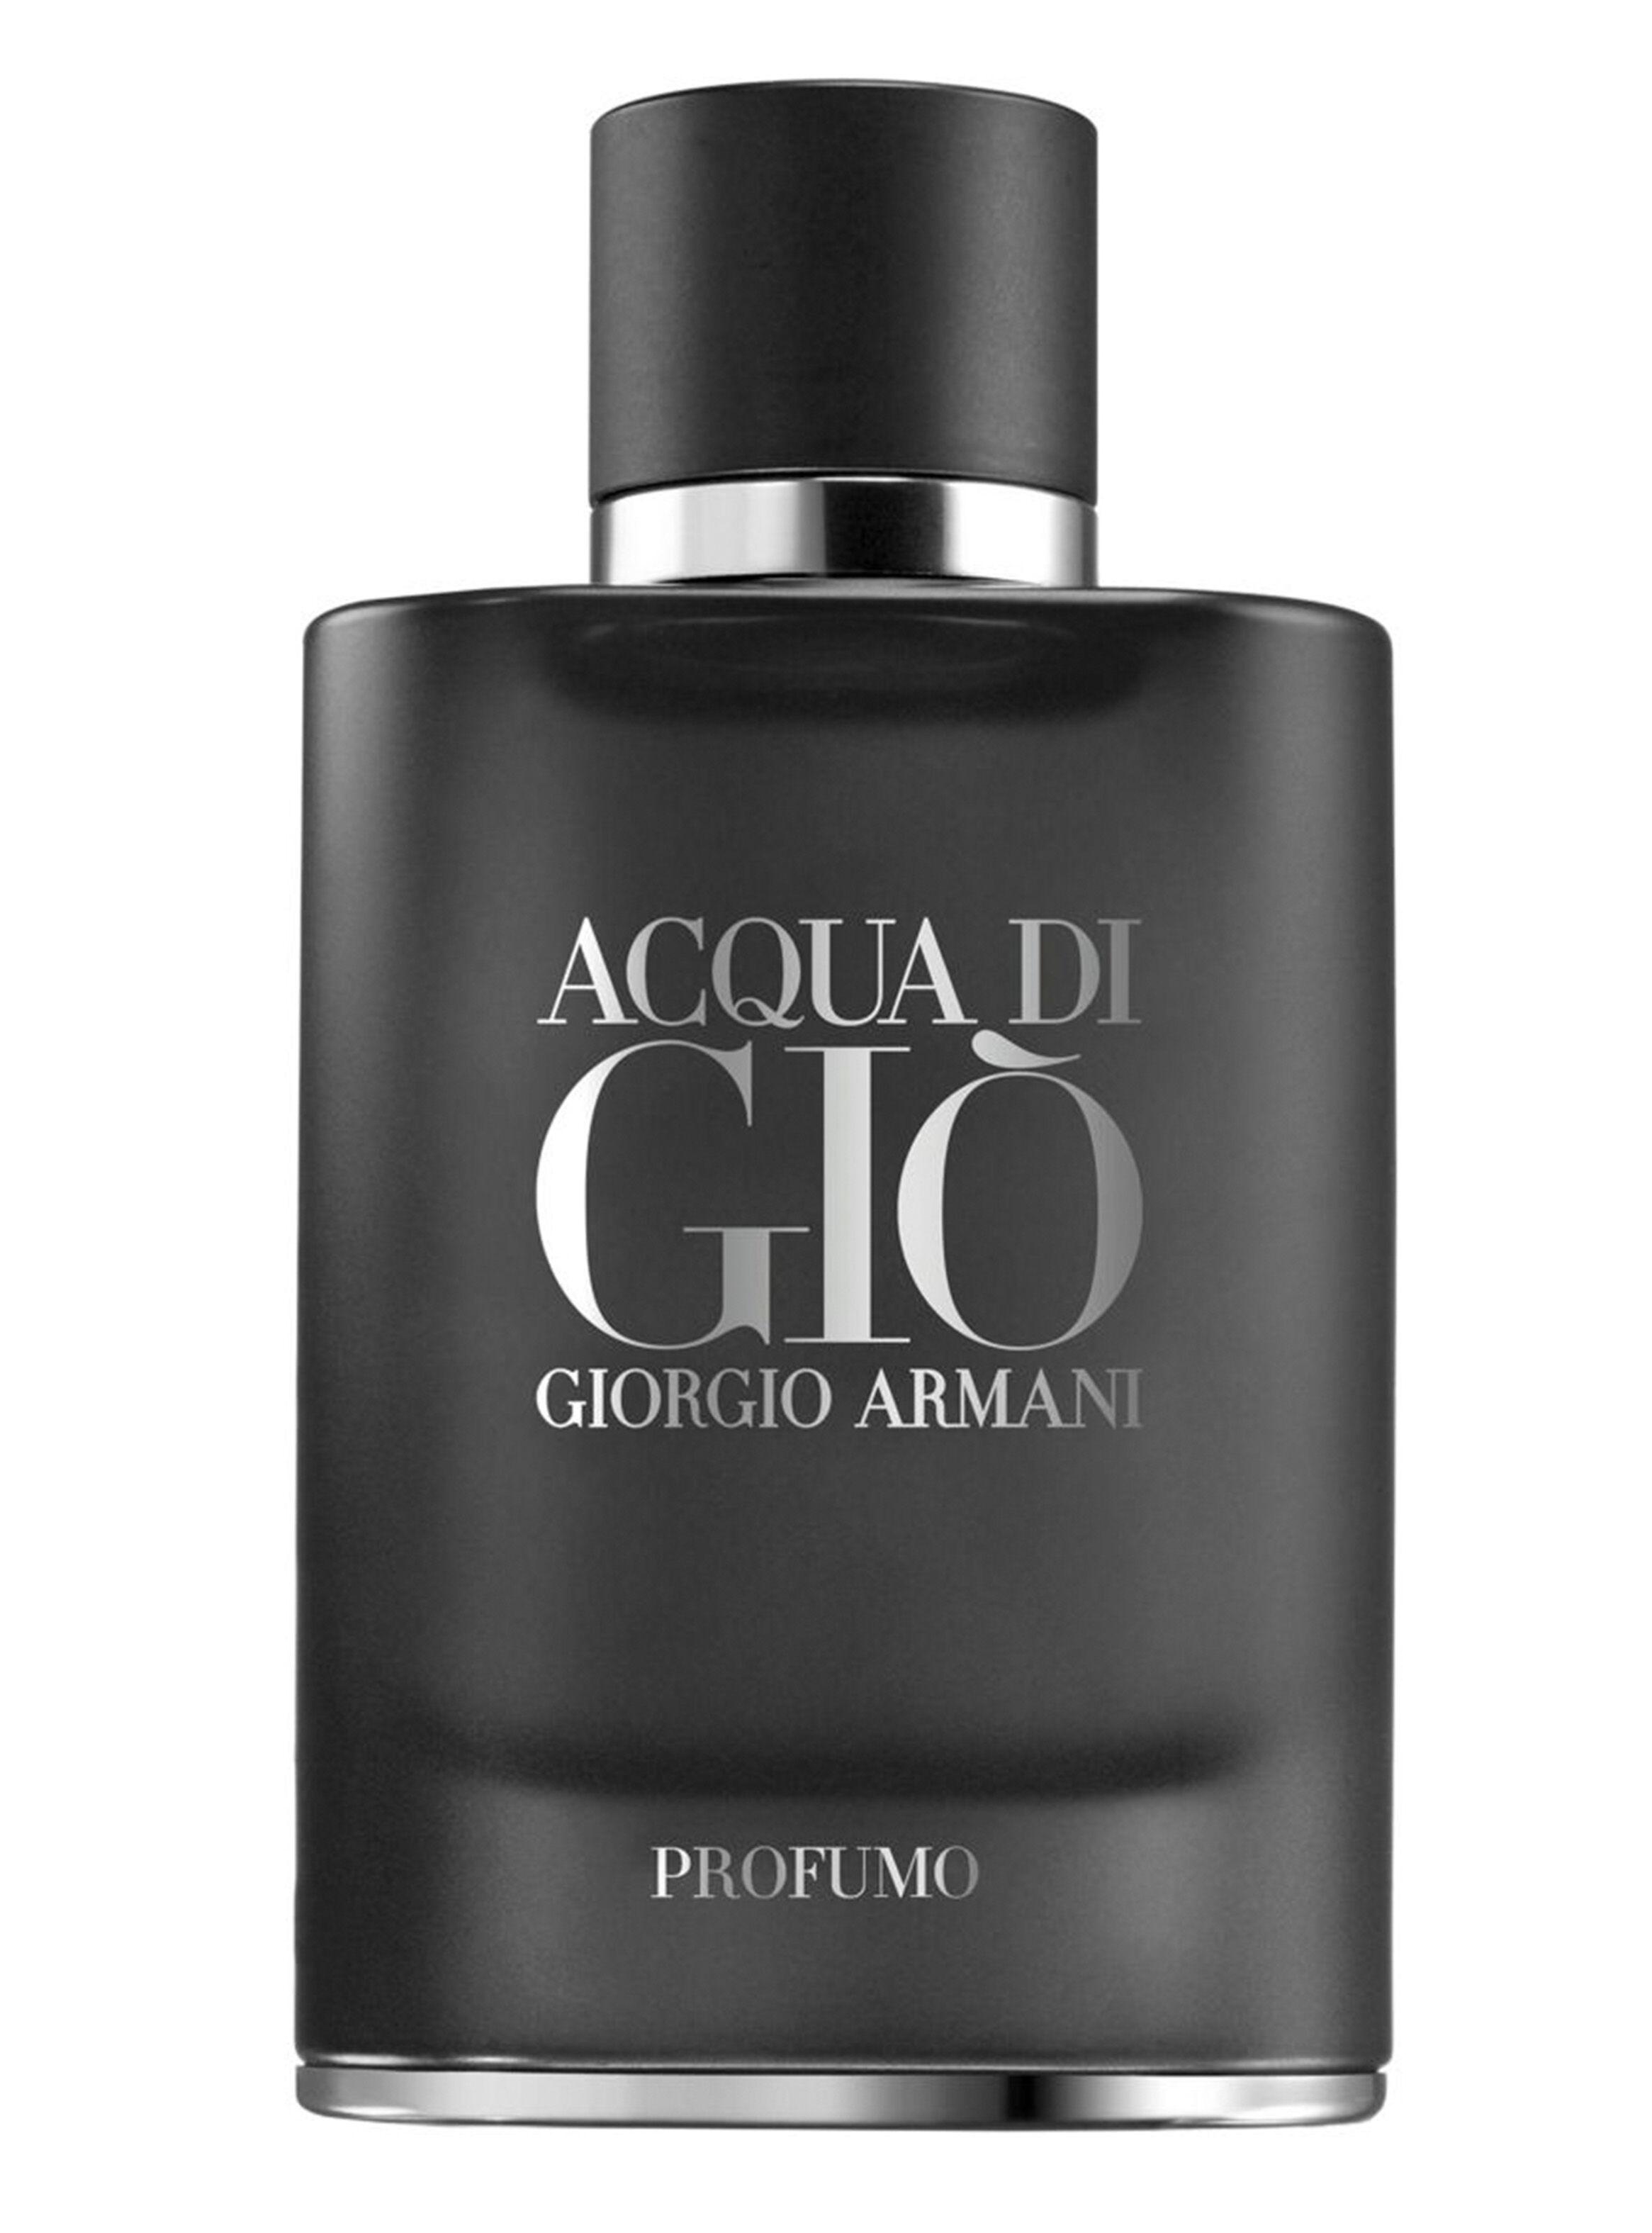 En Armani Di Edp Profumo Perfume Acqua Gio 180 Giorgio Homme Ml hrdtCQs